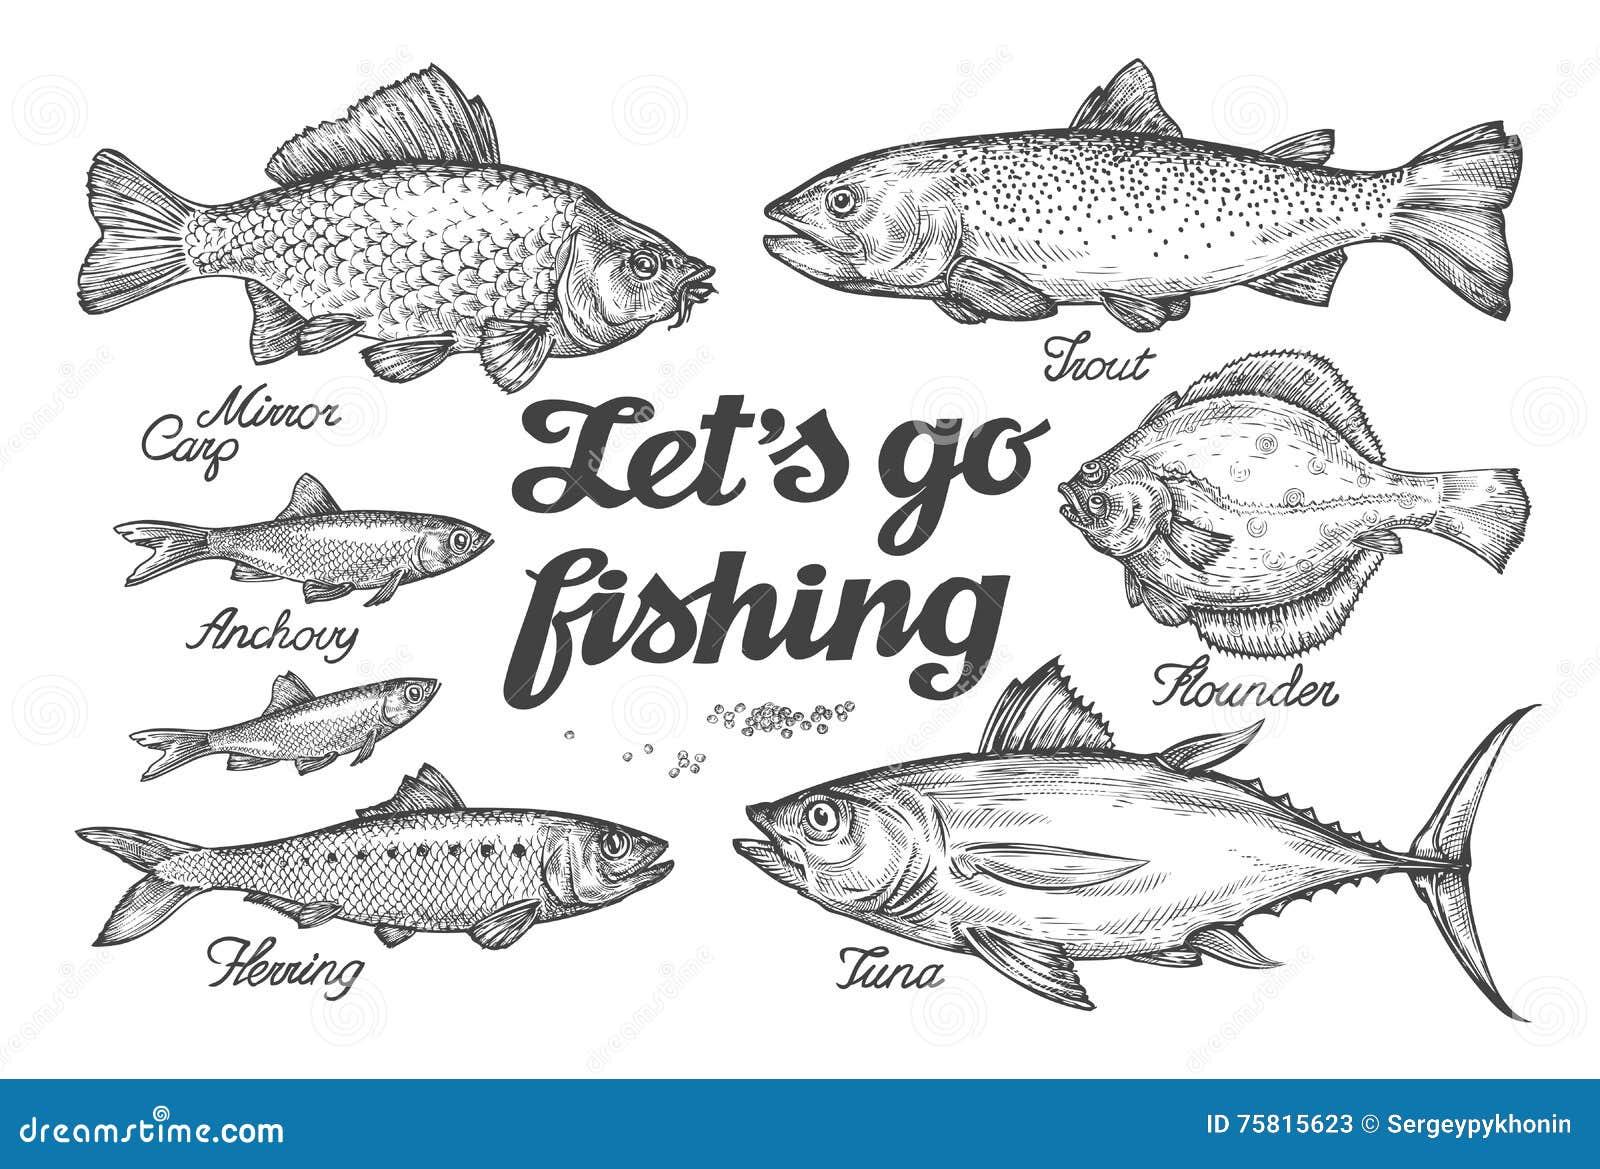 thumbs.dreamstime.com/z/pesca-pescados-dibujados-m...